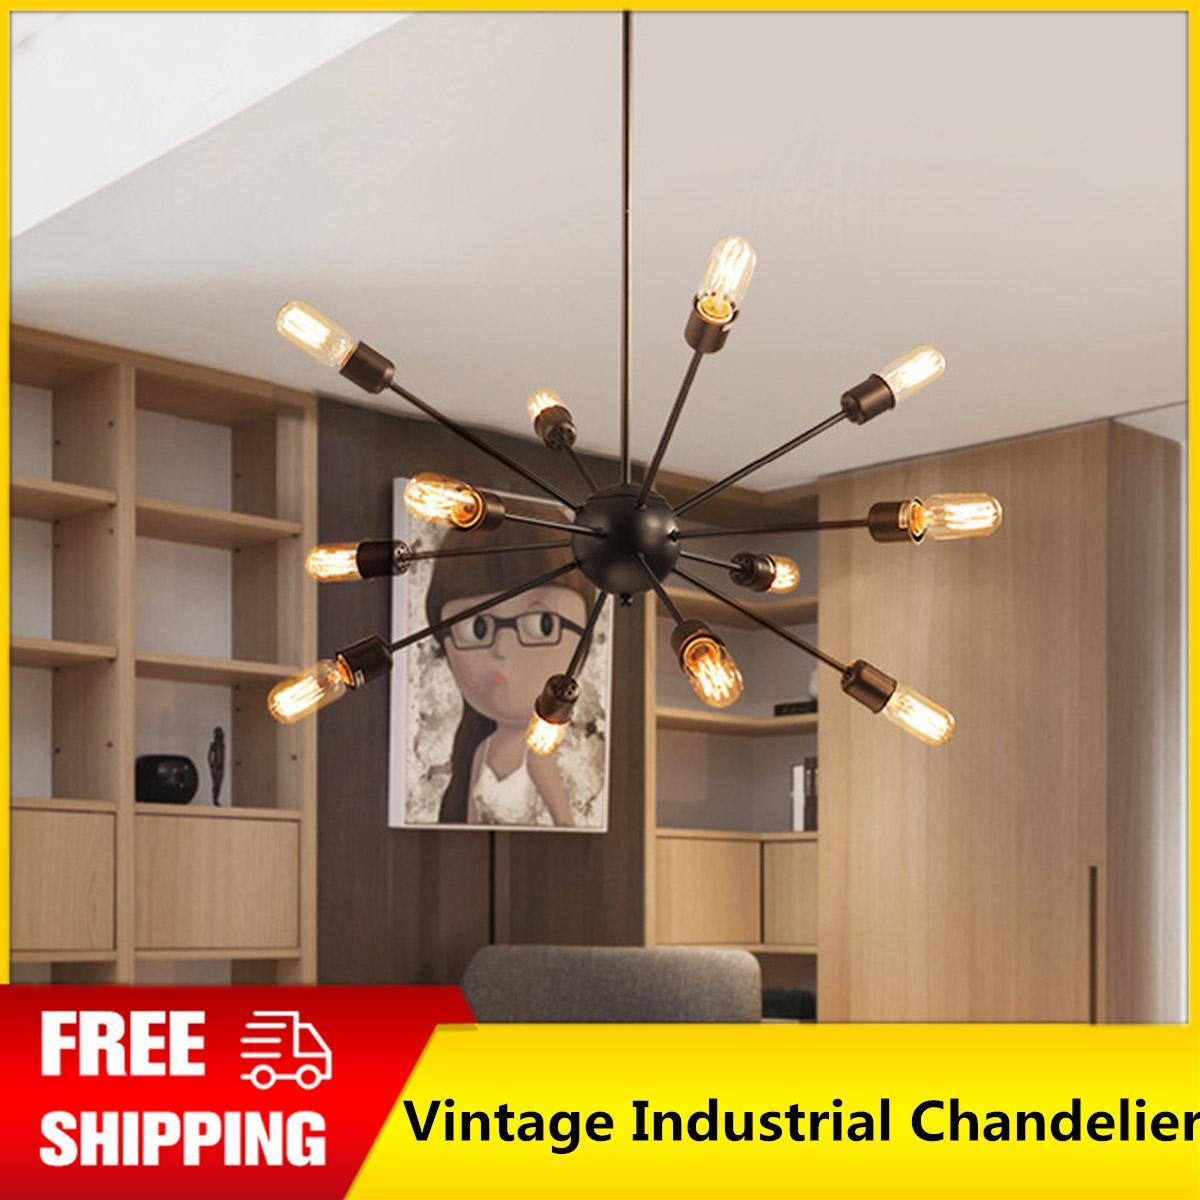 7e30e9c169c5 【Free Shipping + Flash Deal】Sputnik Vintage Industrial Chandelier Loft  Ceiling Pendant 12 Light